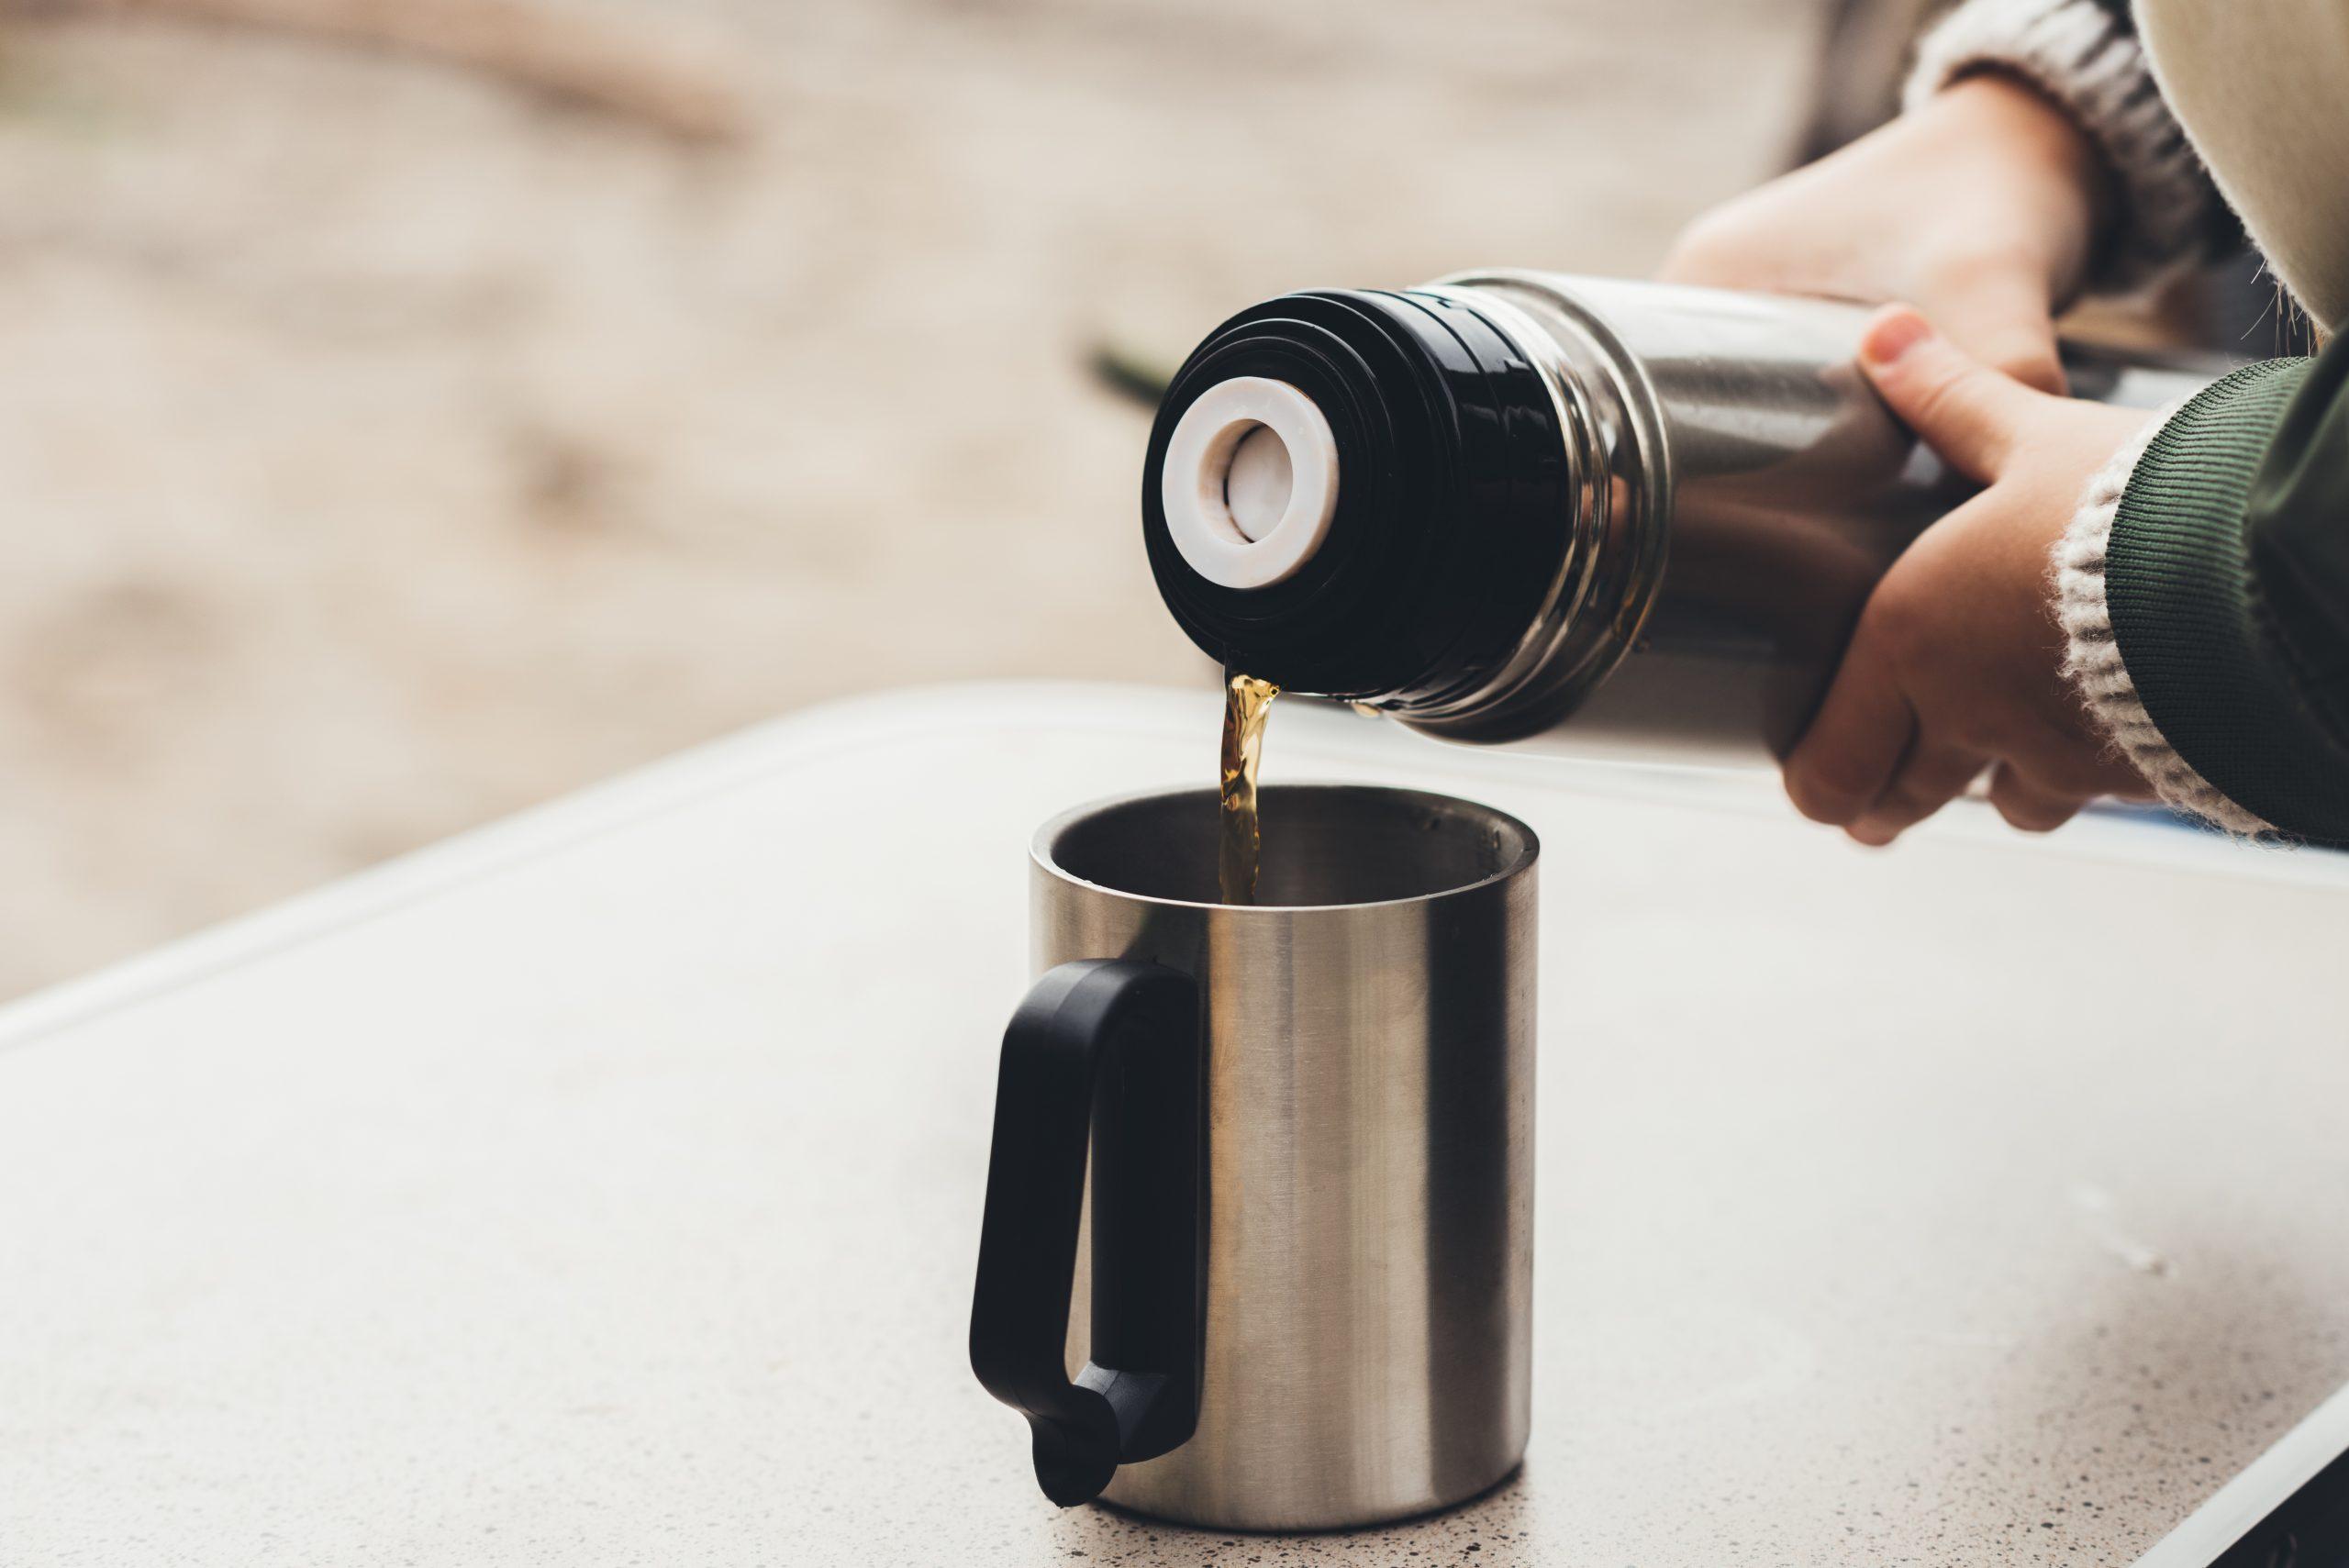 Una persona rellenando un termo para café